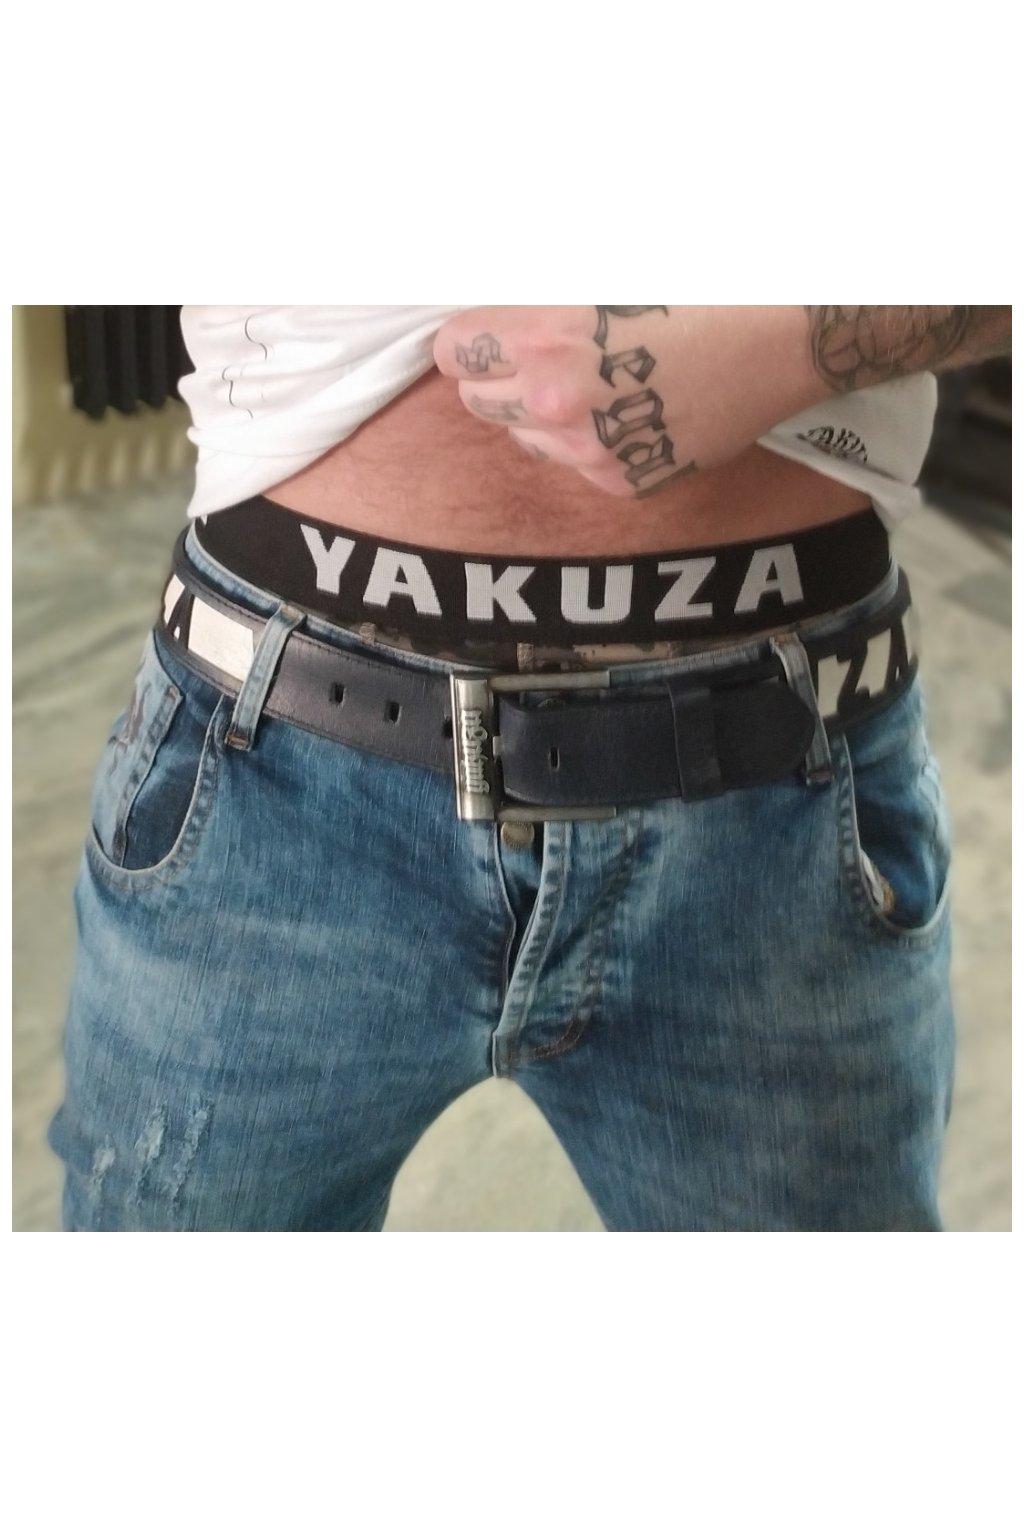 Yakuza pánské boxerky BXB 13050 2 kusy v balení obr1